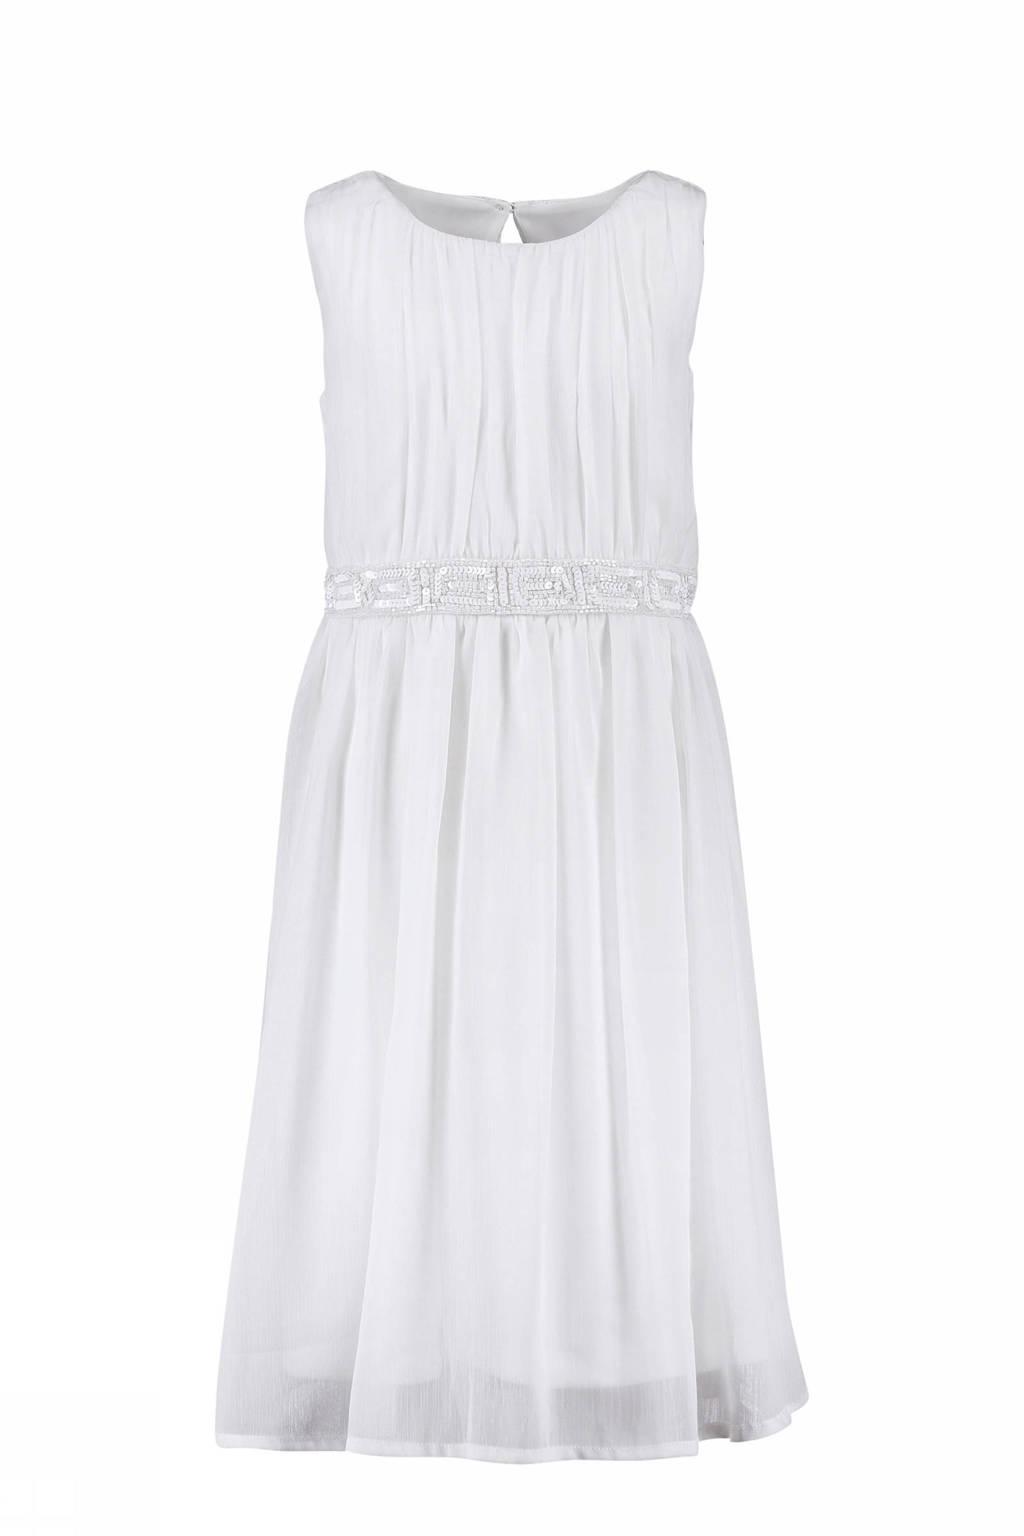 5c65b8730139cf CKS KIDS jurk Nitara met pailletten wit